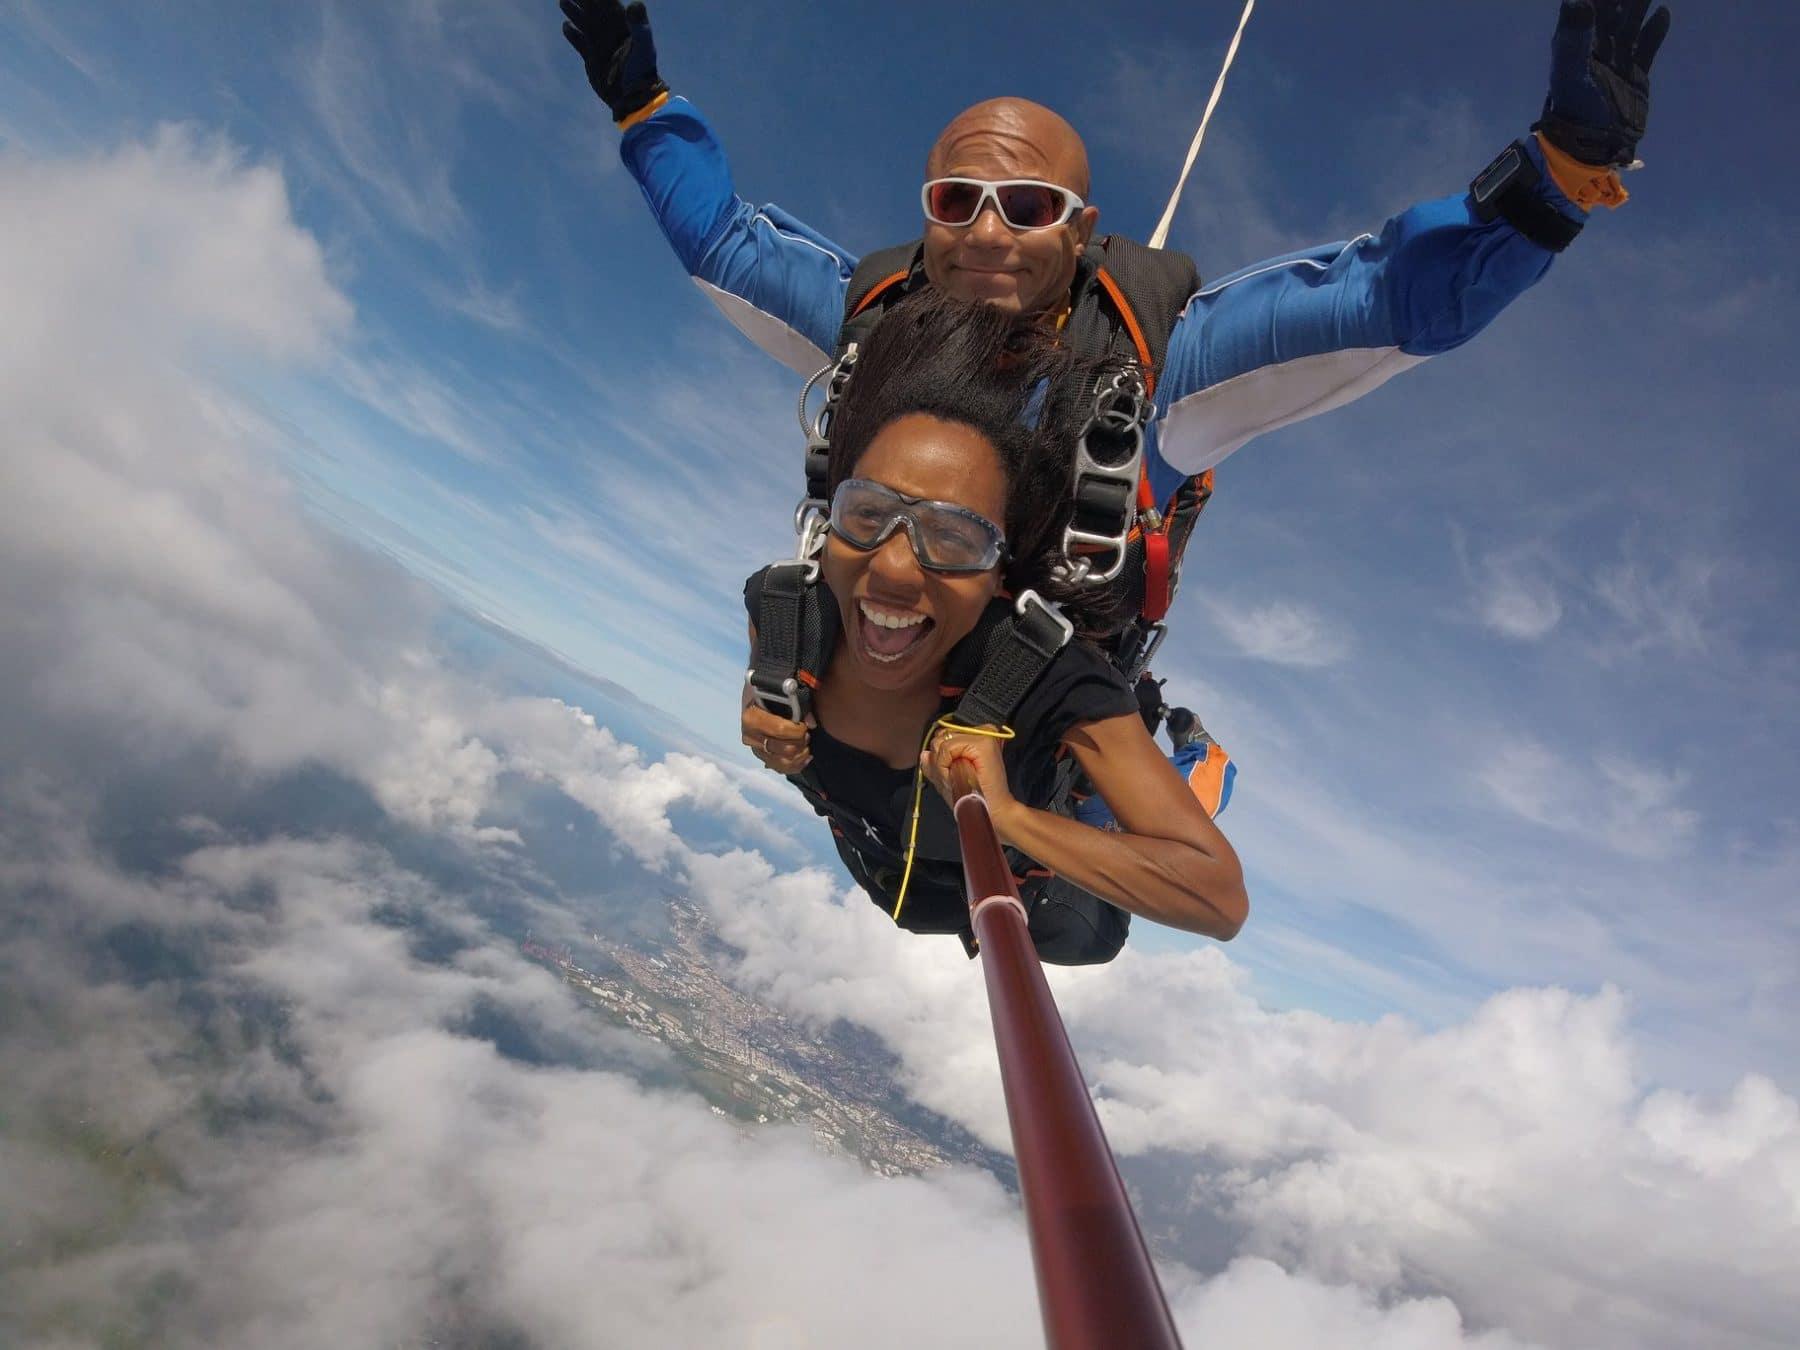 Saut en parachute tandem Vidéo